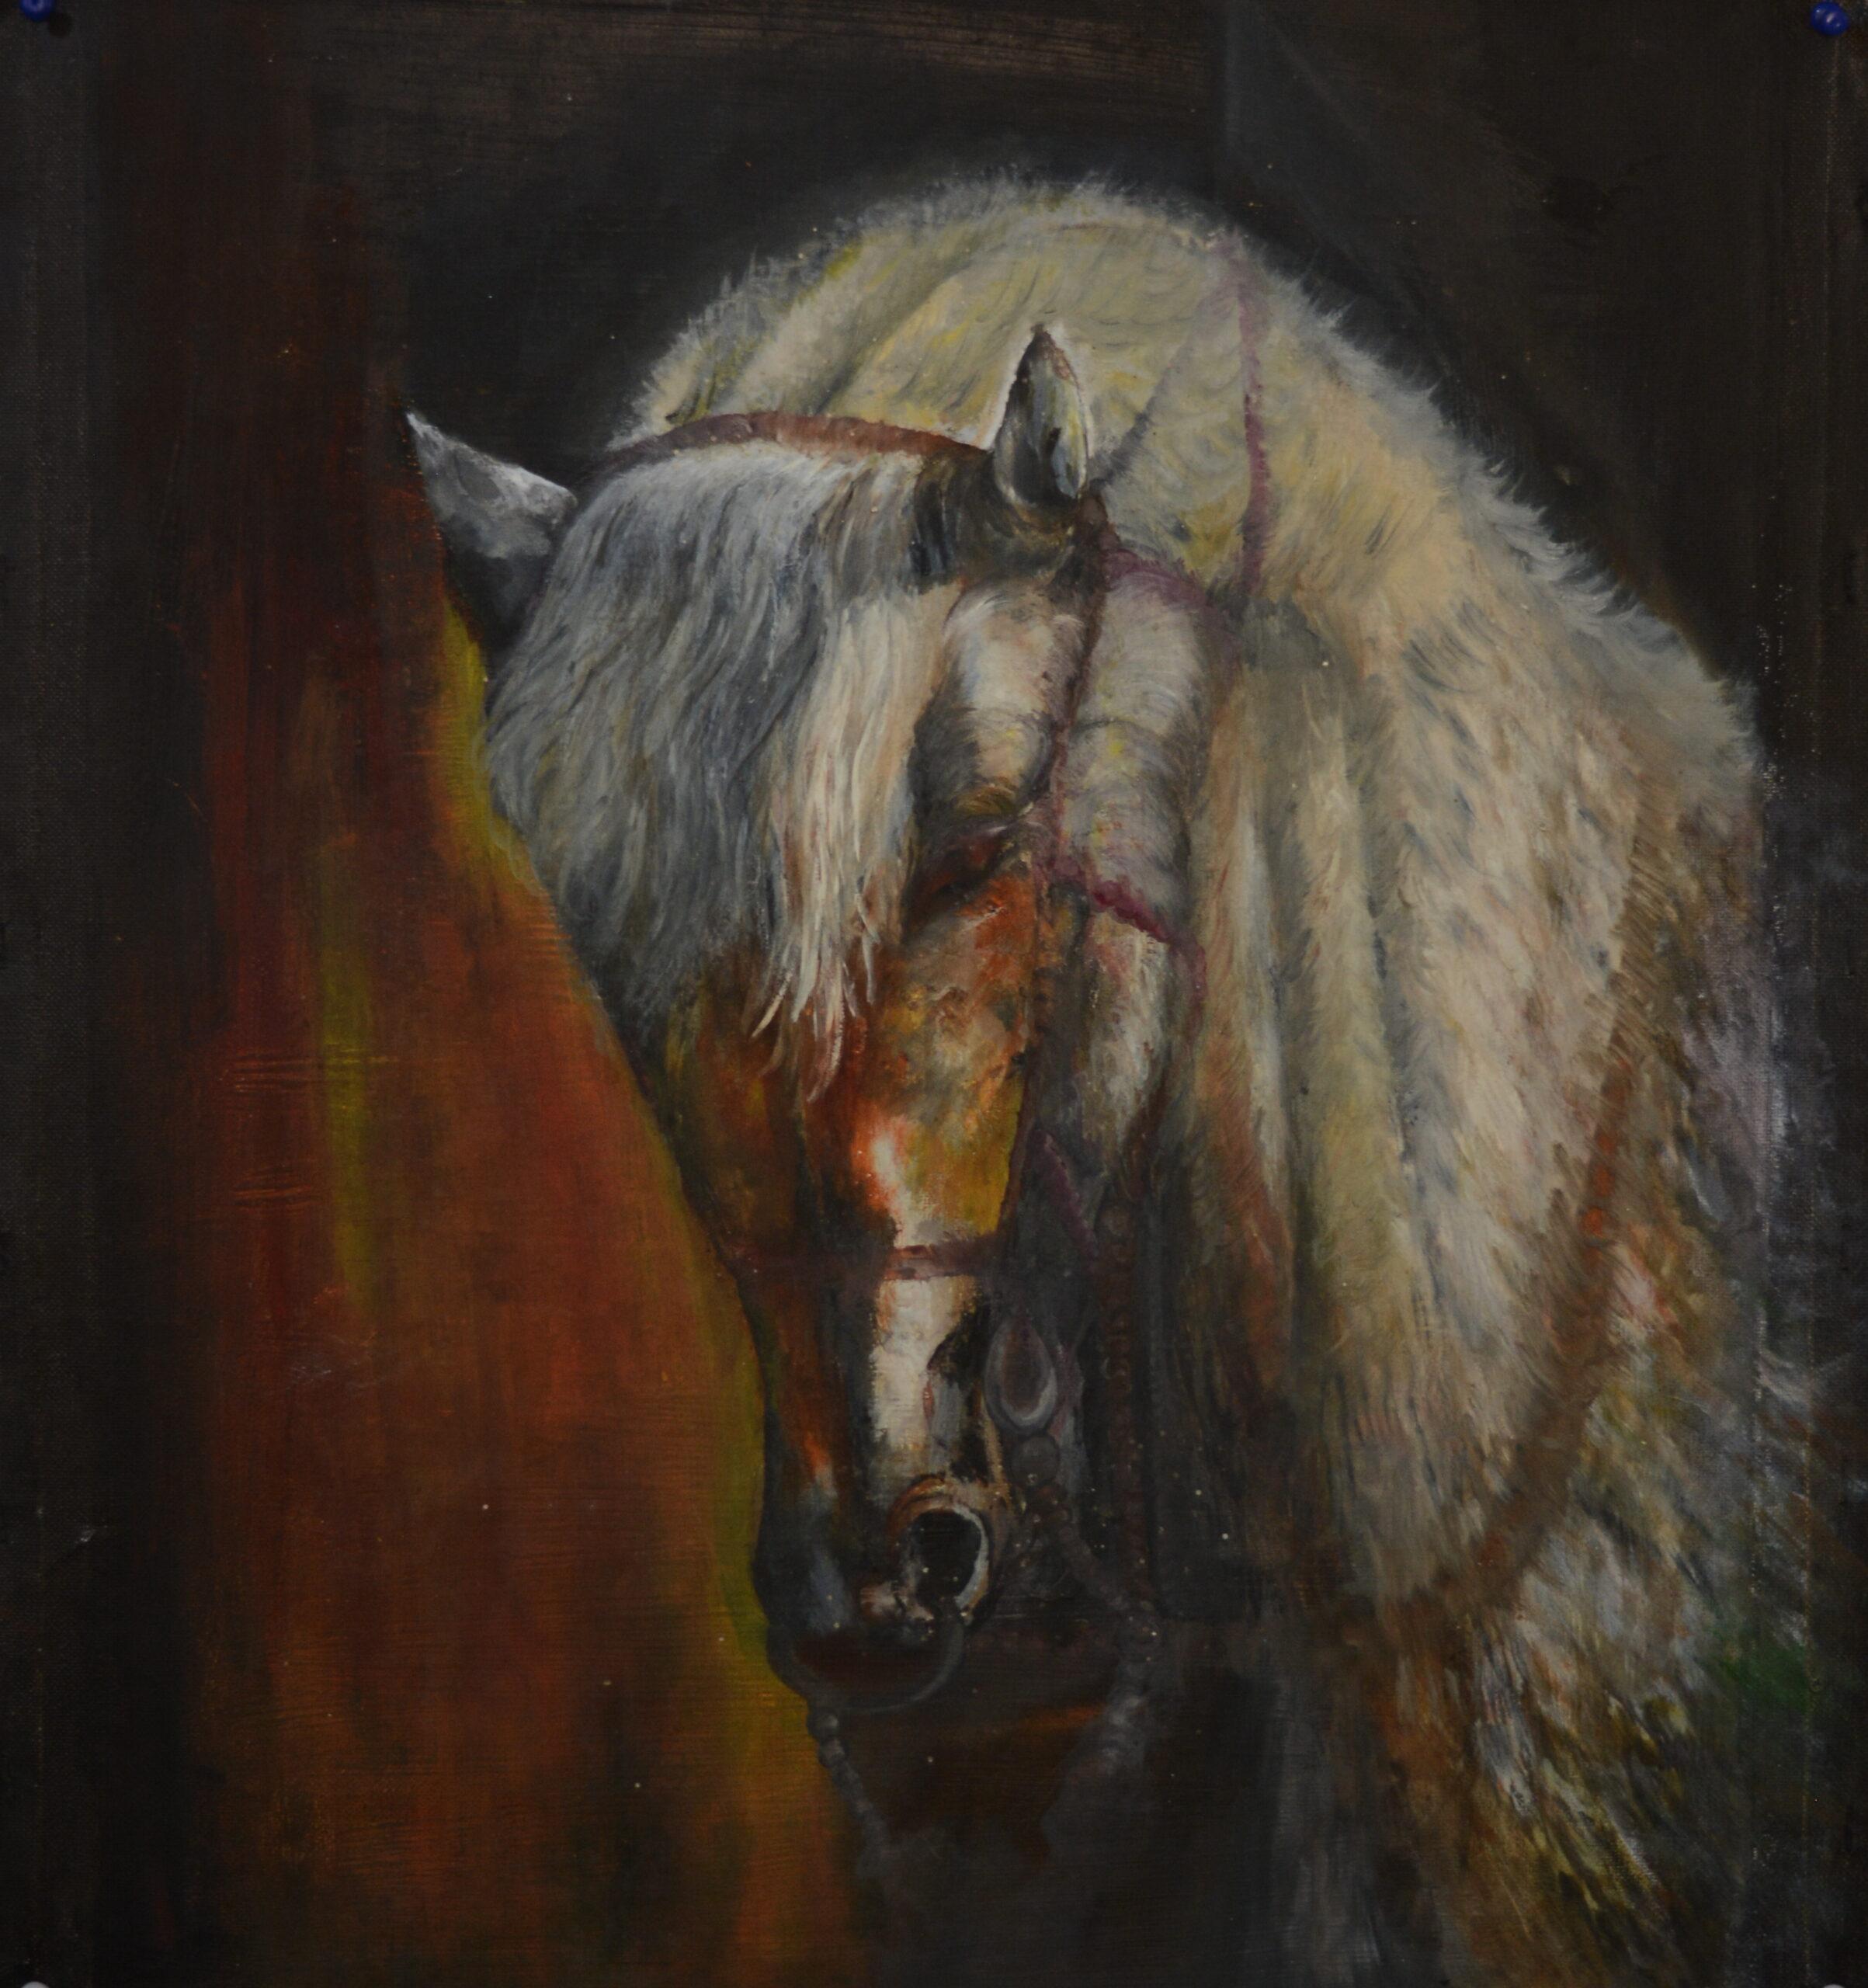 The sobbing horse_Gayathri Shashikala Dilhani Wijesinghe